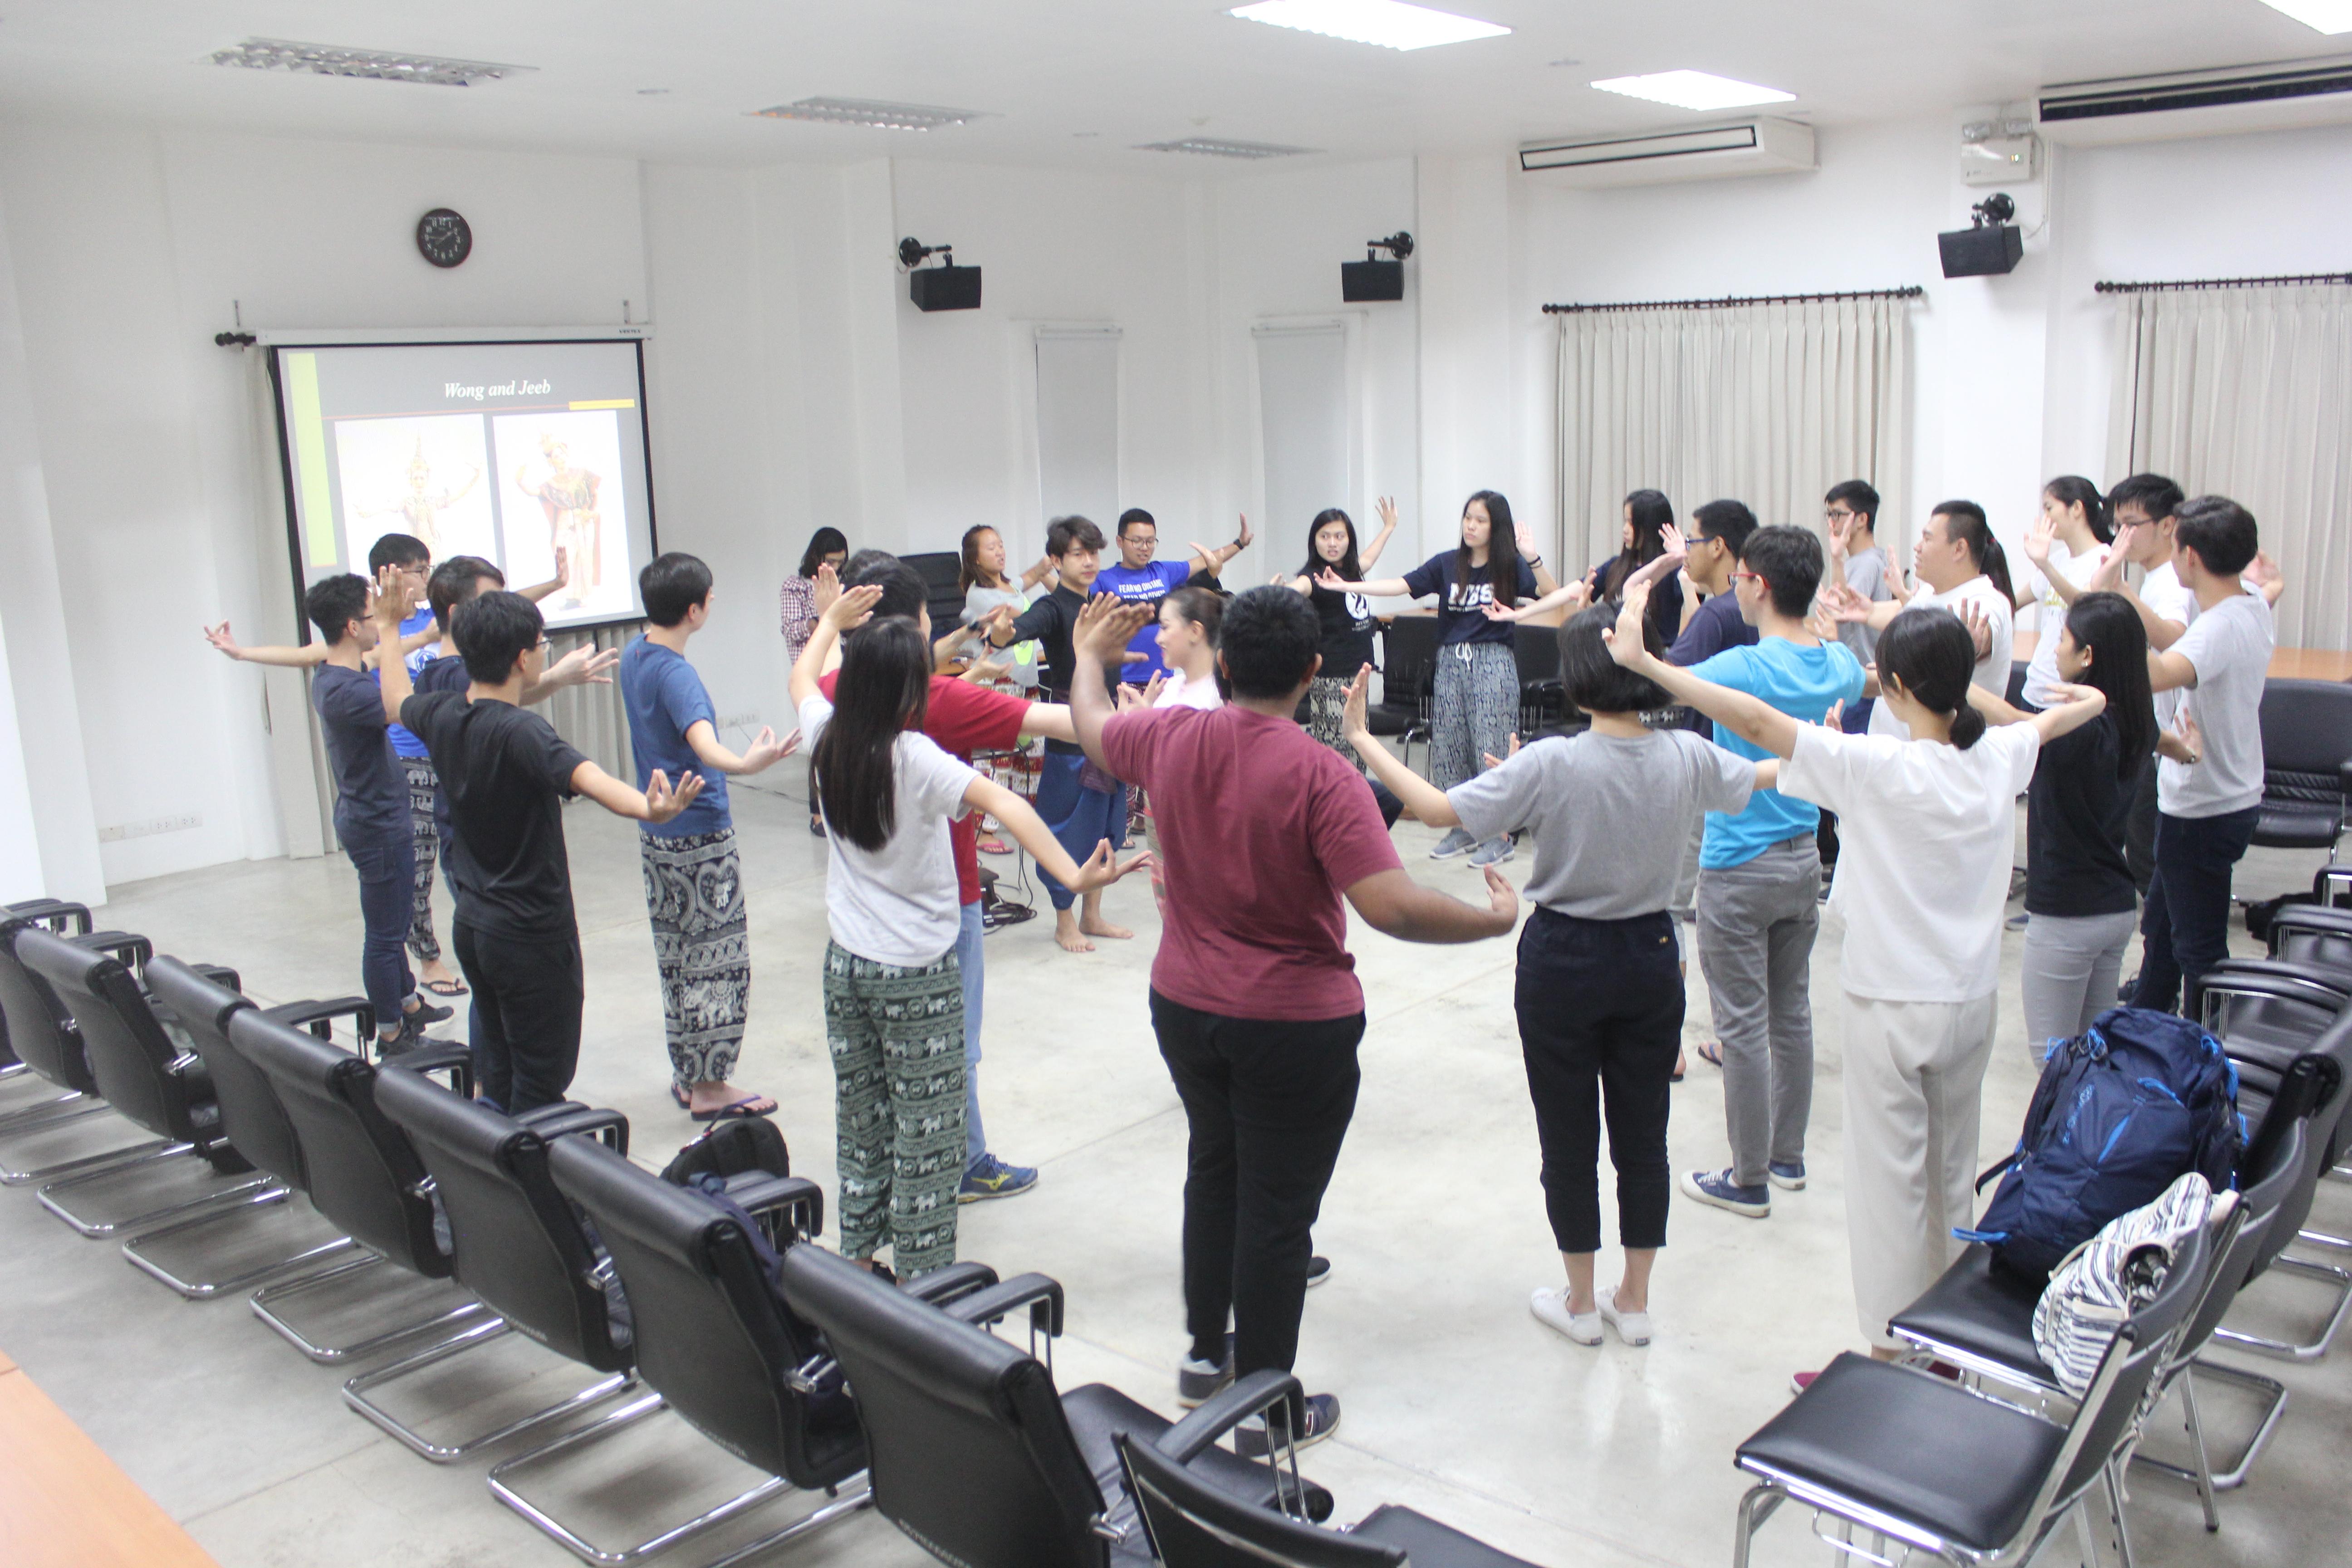 กิจกรรมบรรยายด้านศิลปวัฒนธรรมแก่นักศึกษา Nanyang Technological University